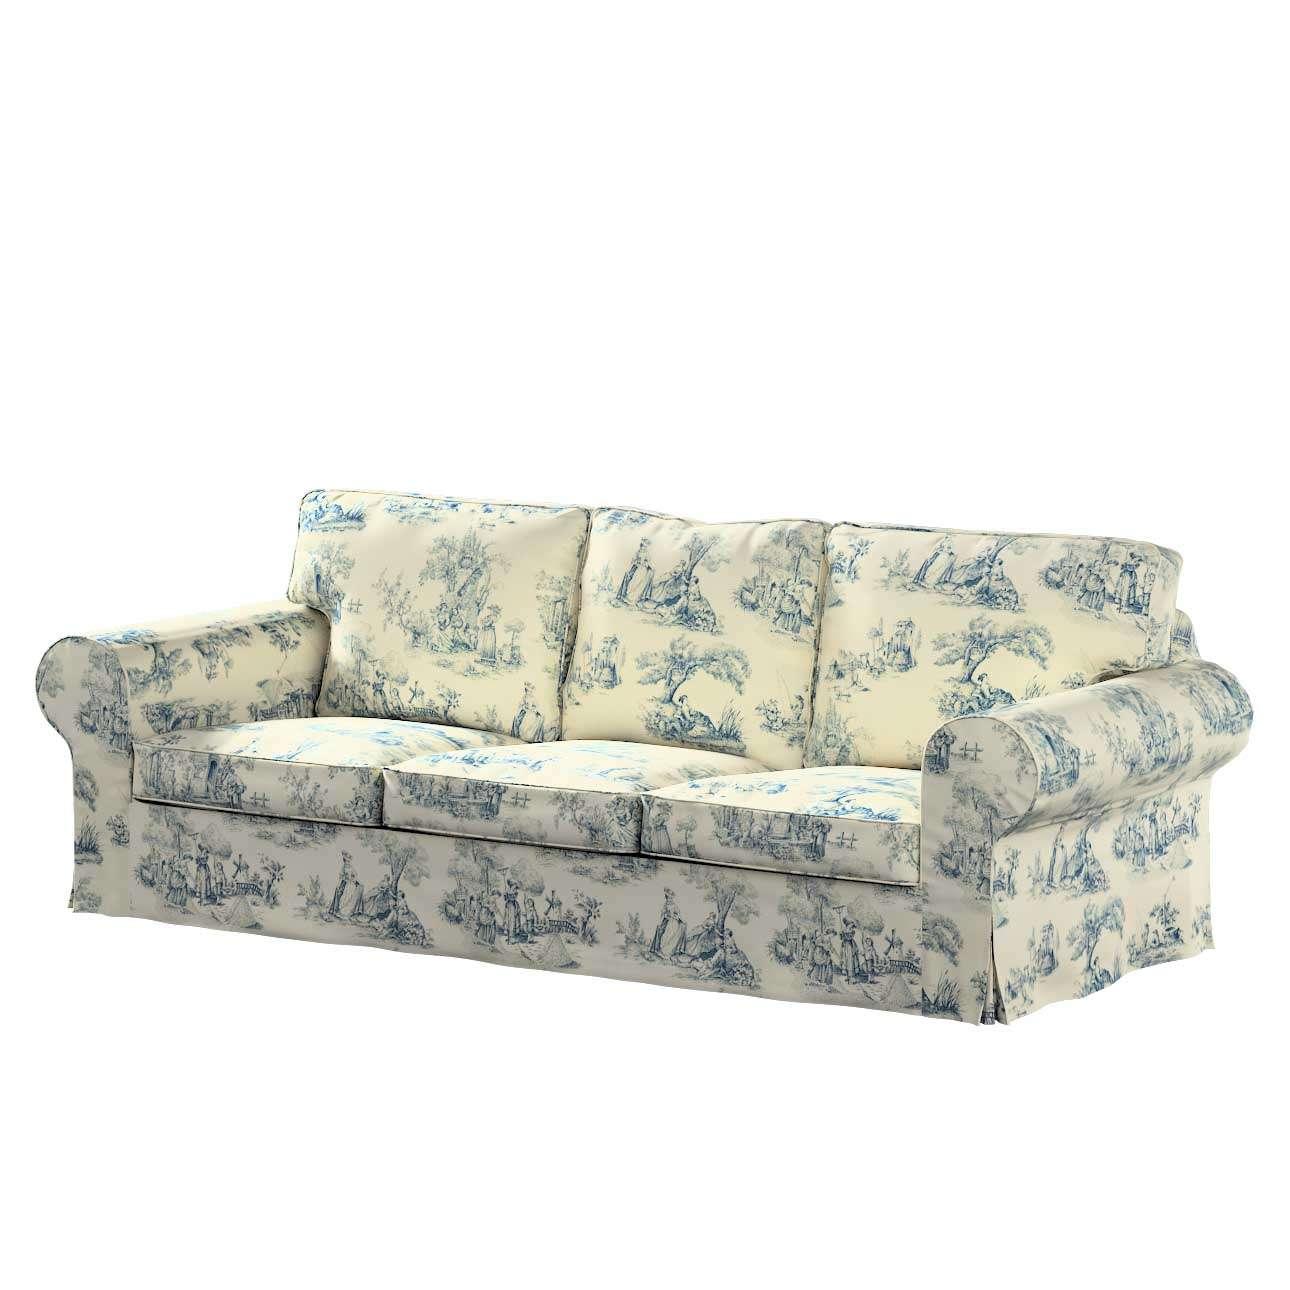 Ektorp 3-Sitzer Sofabezug nicht ausklappbar Sofabezug für  Ektorp 3-Sitzer nicht ausklappbar von der Kollektion Avinon, Stoff: 132-66